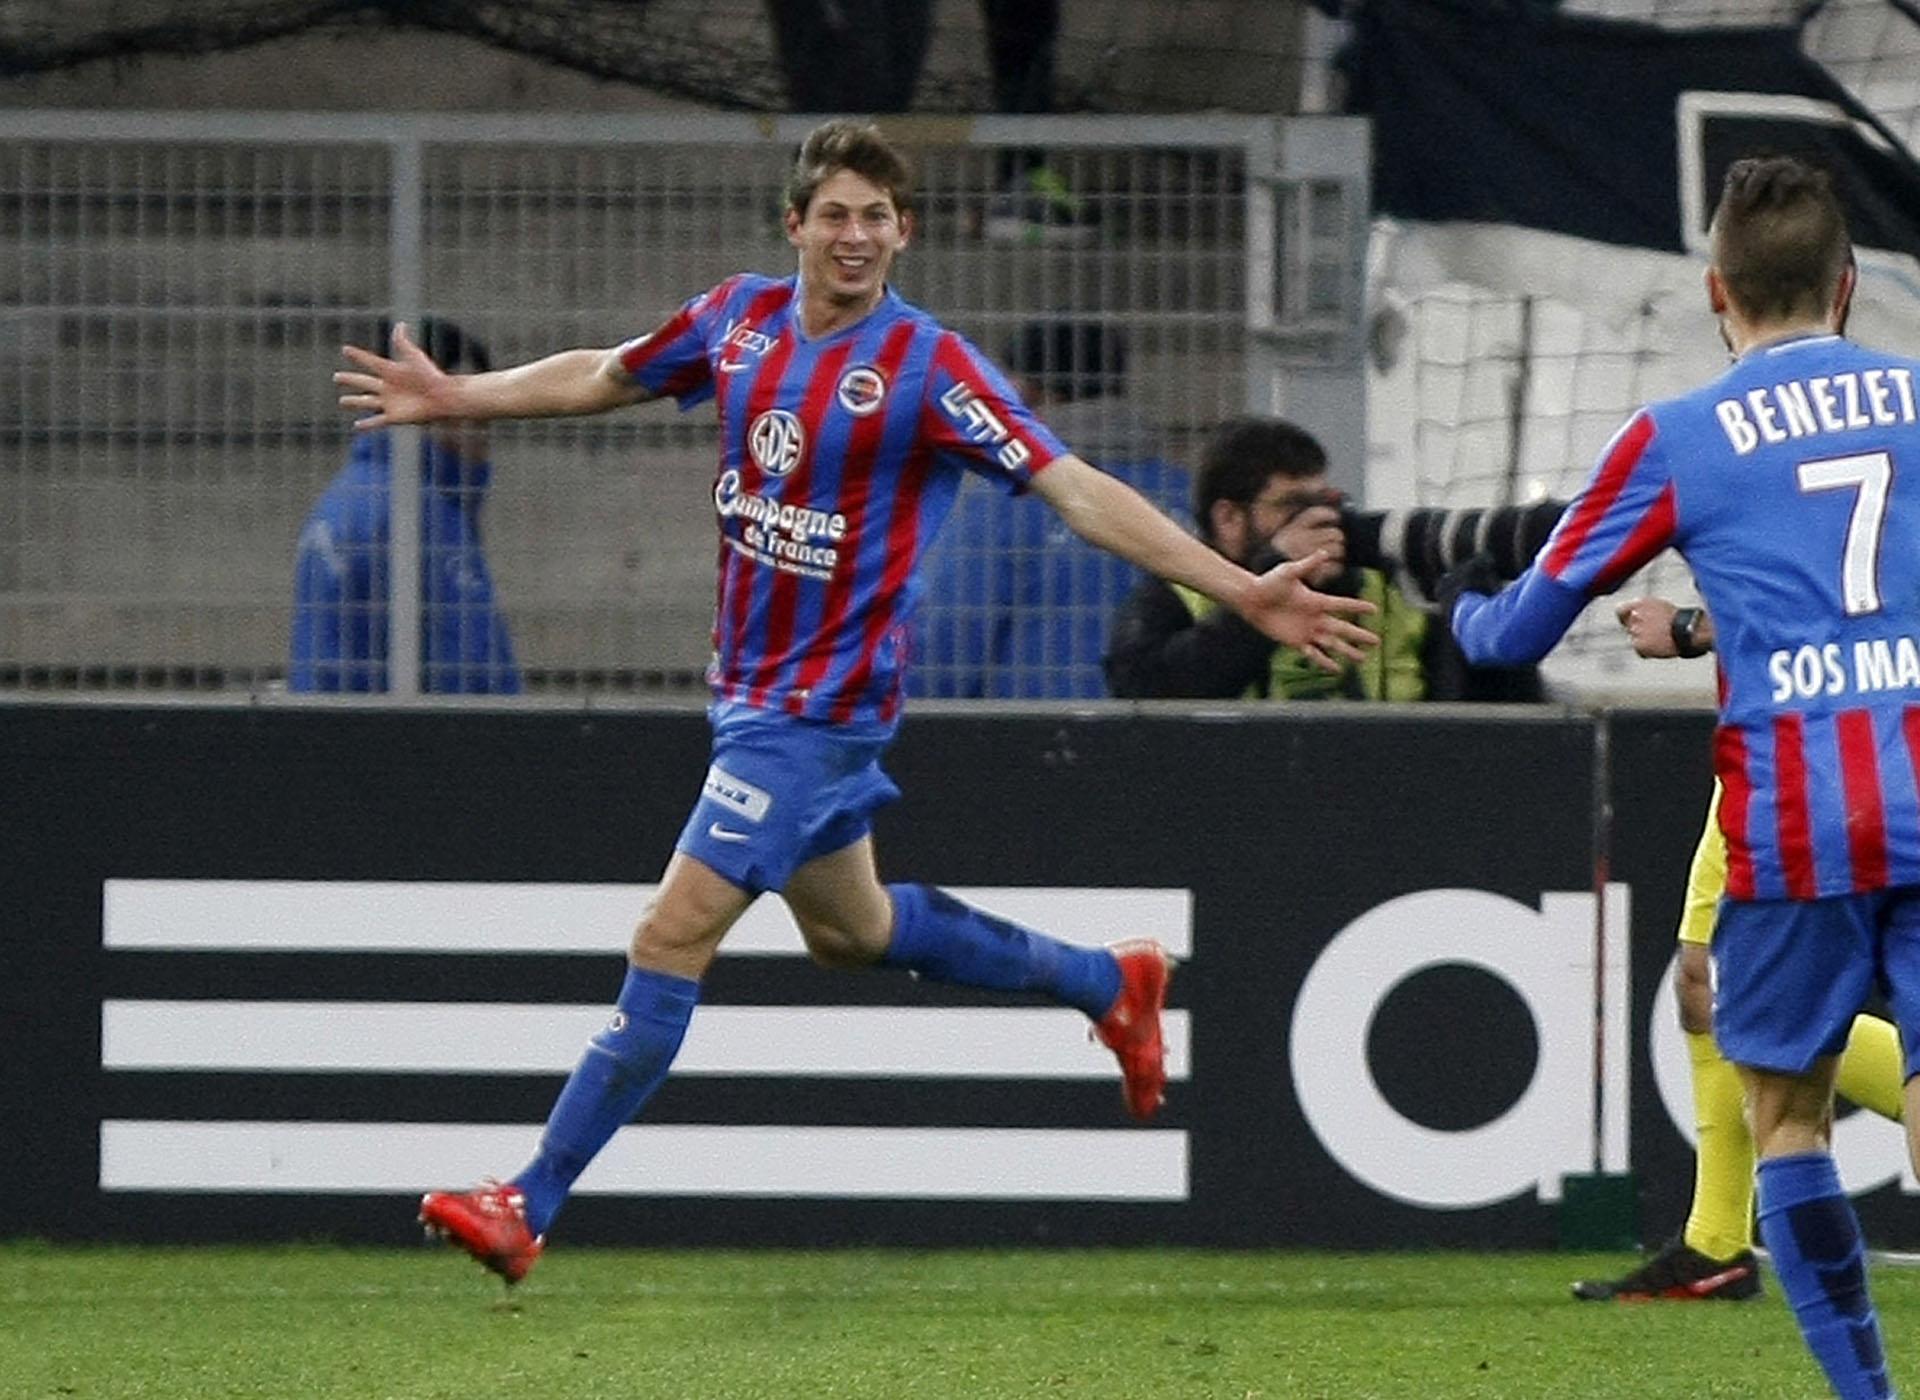 En 2015, el argentino jugó para el Caen. Allí anotó cinco goles en 13 presentaciones